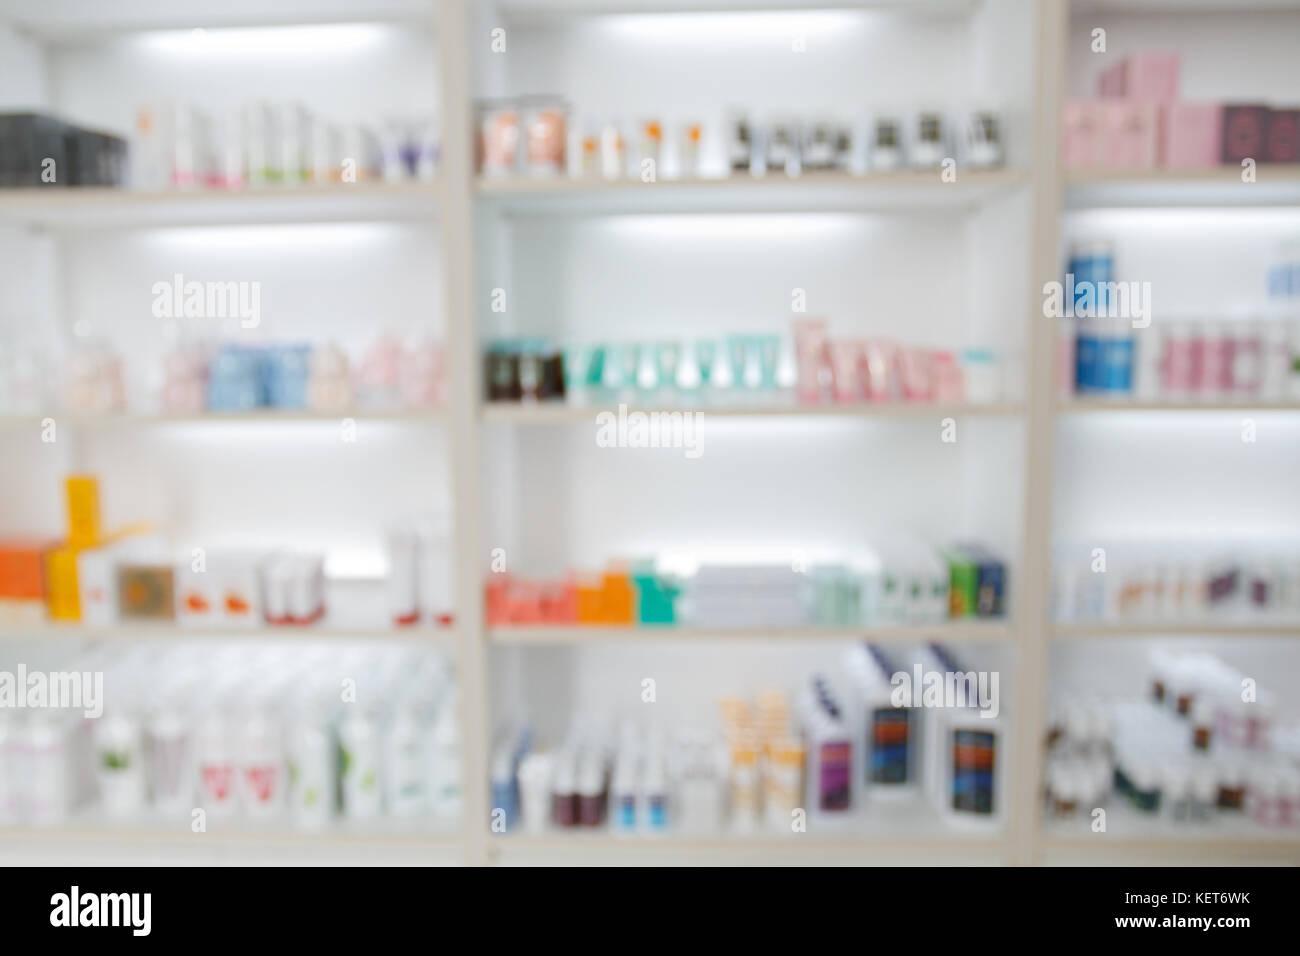 Medicine Cabinet Bathroom Stock Photos & Medicine Cabinet Bathroom ...